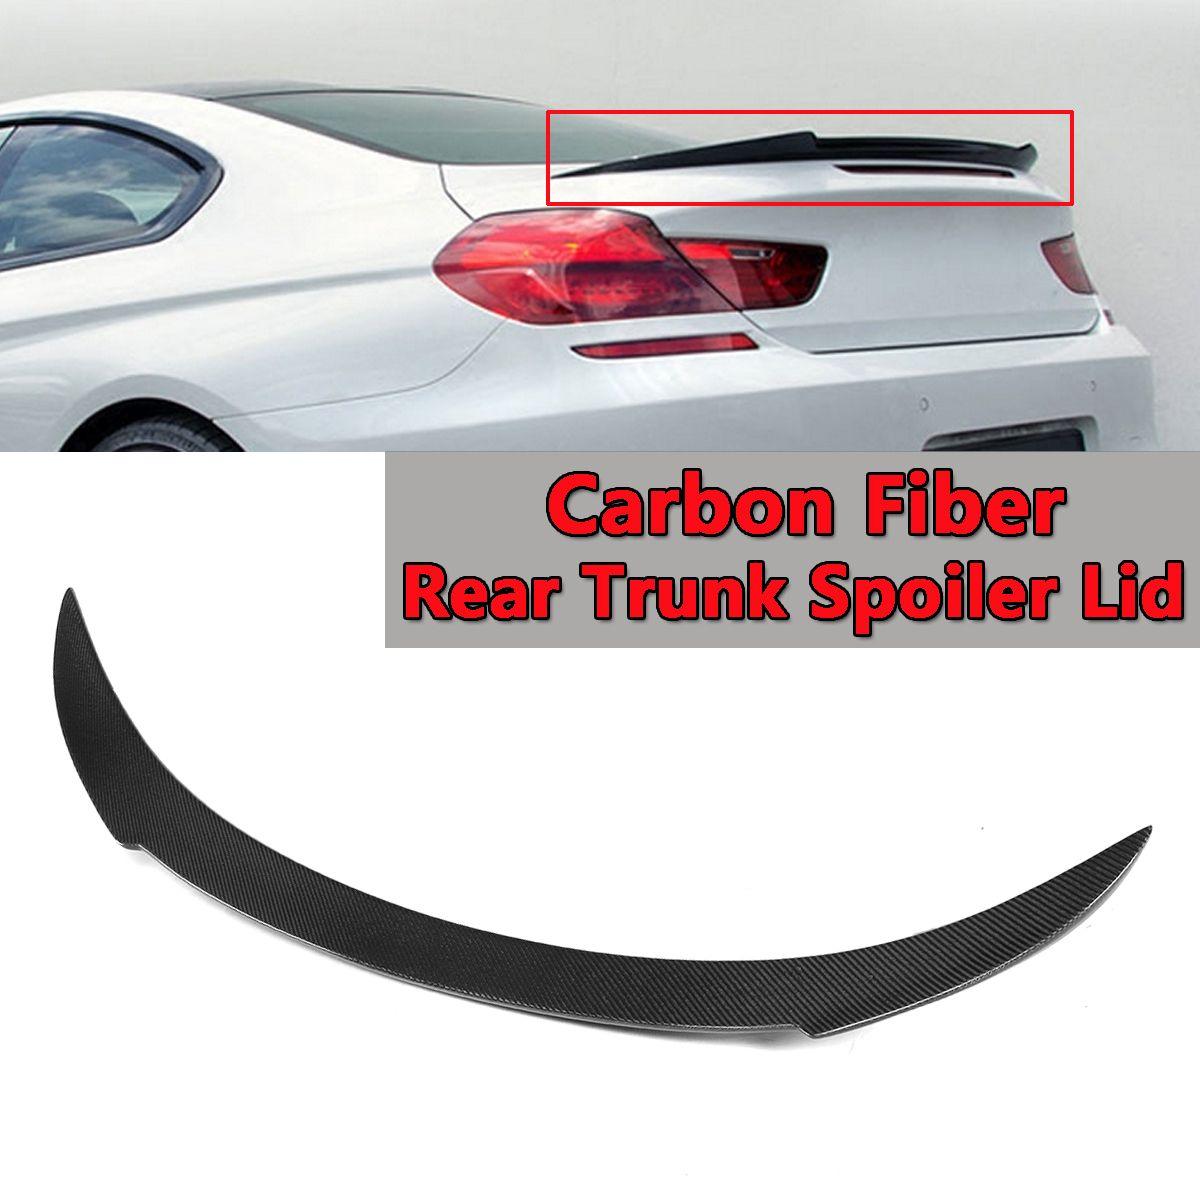 Real Carbon Fiber Hinten Stamm Spoiler Deckel Für BMW F13 F06 640i 650i M6 2012-2016 v Stil Hinten flügel Spoiler Hinten Kofferraum Schwarz 130 cm